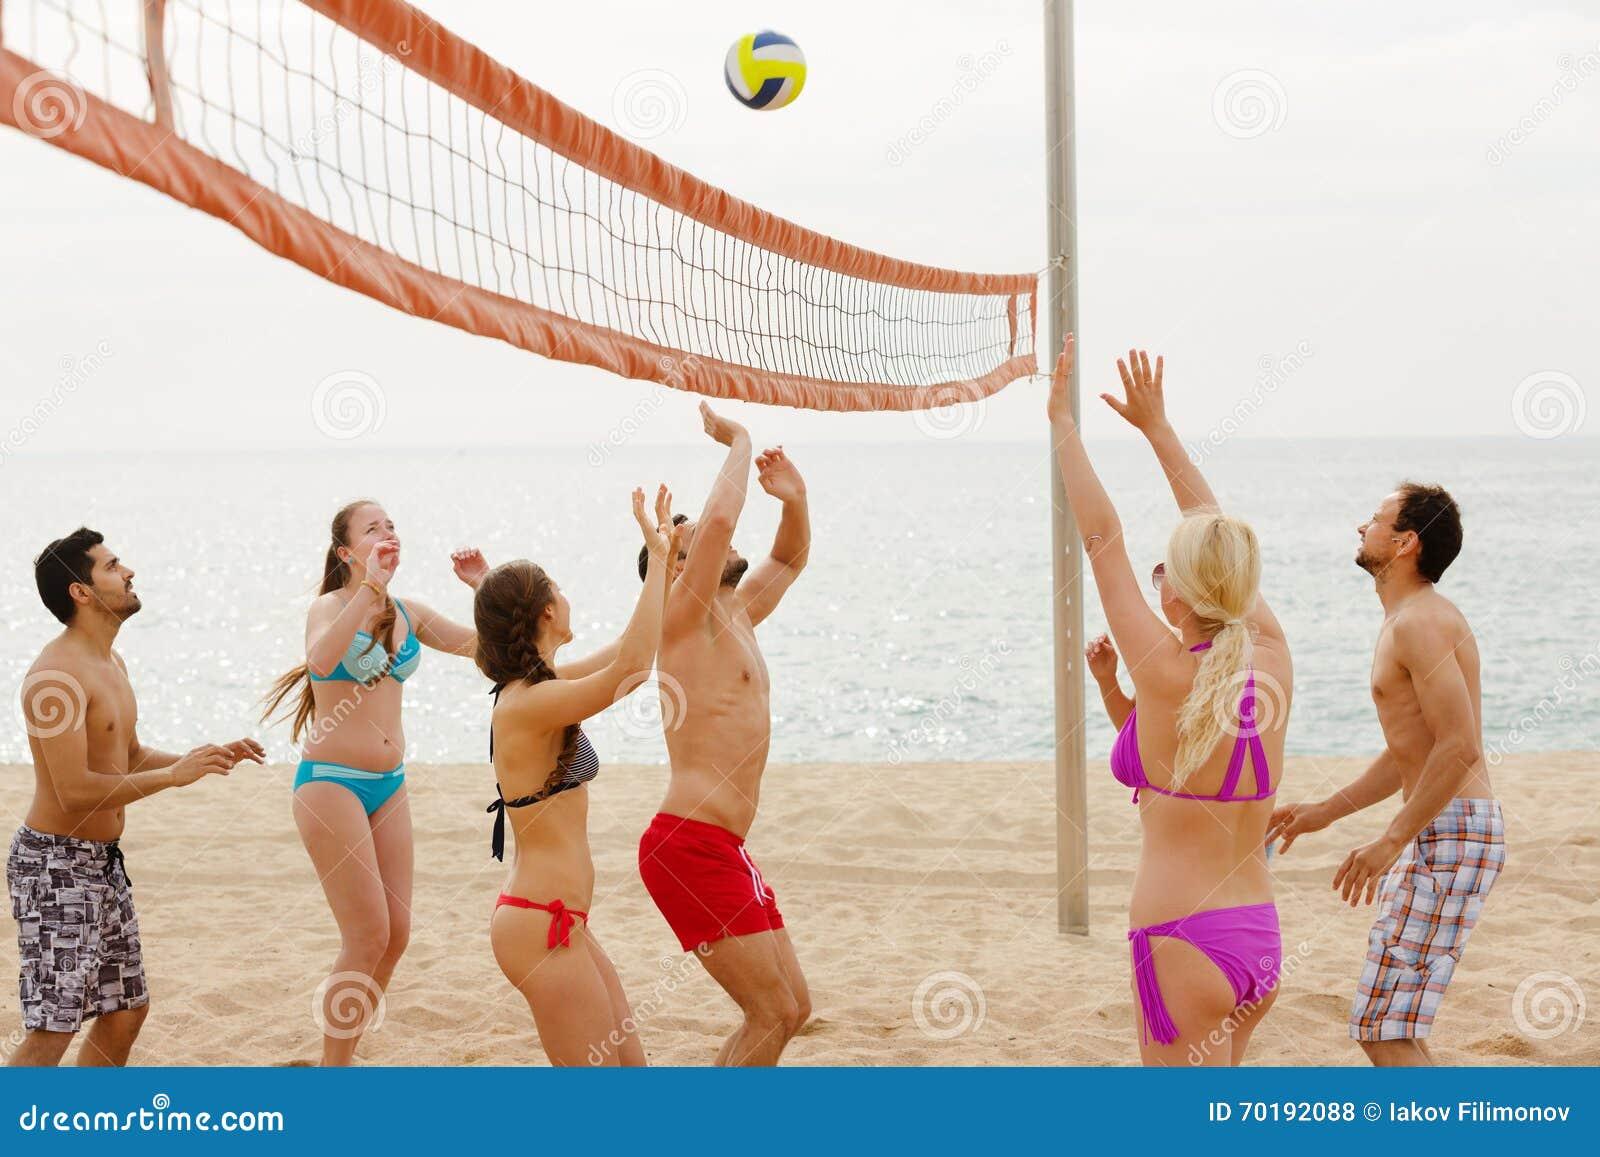 Vuxna människor som kastar bollen över netto och att skratta